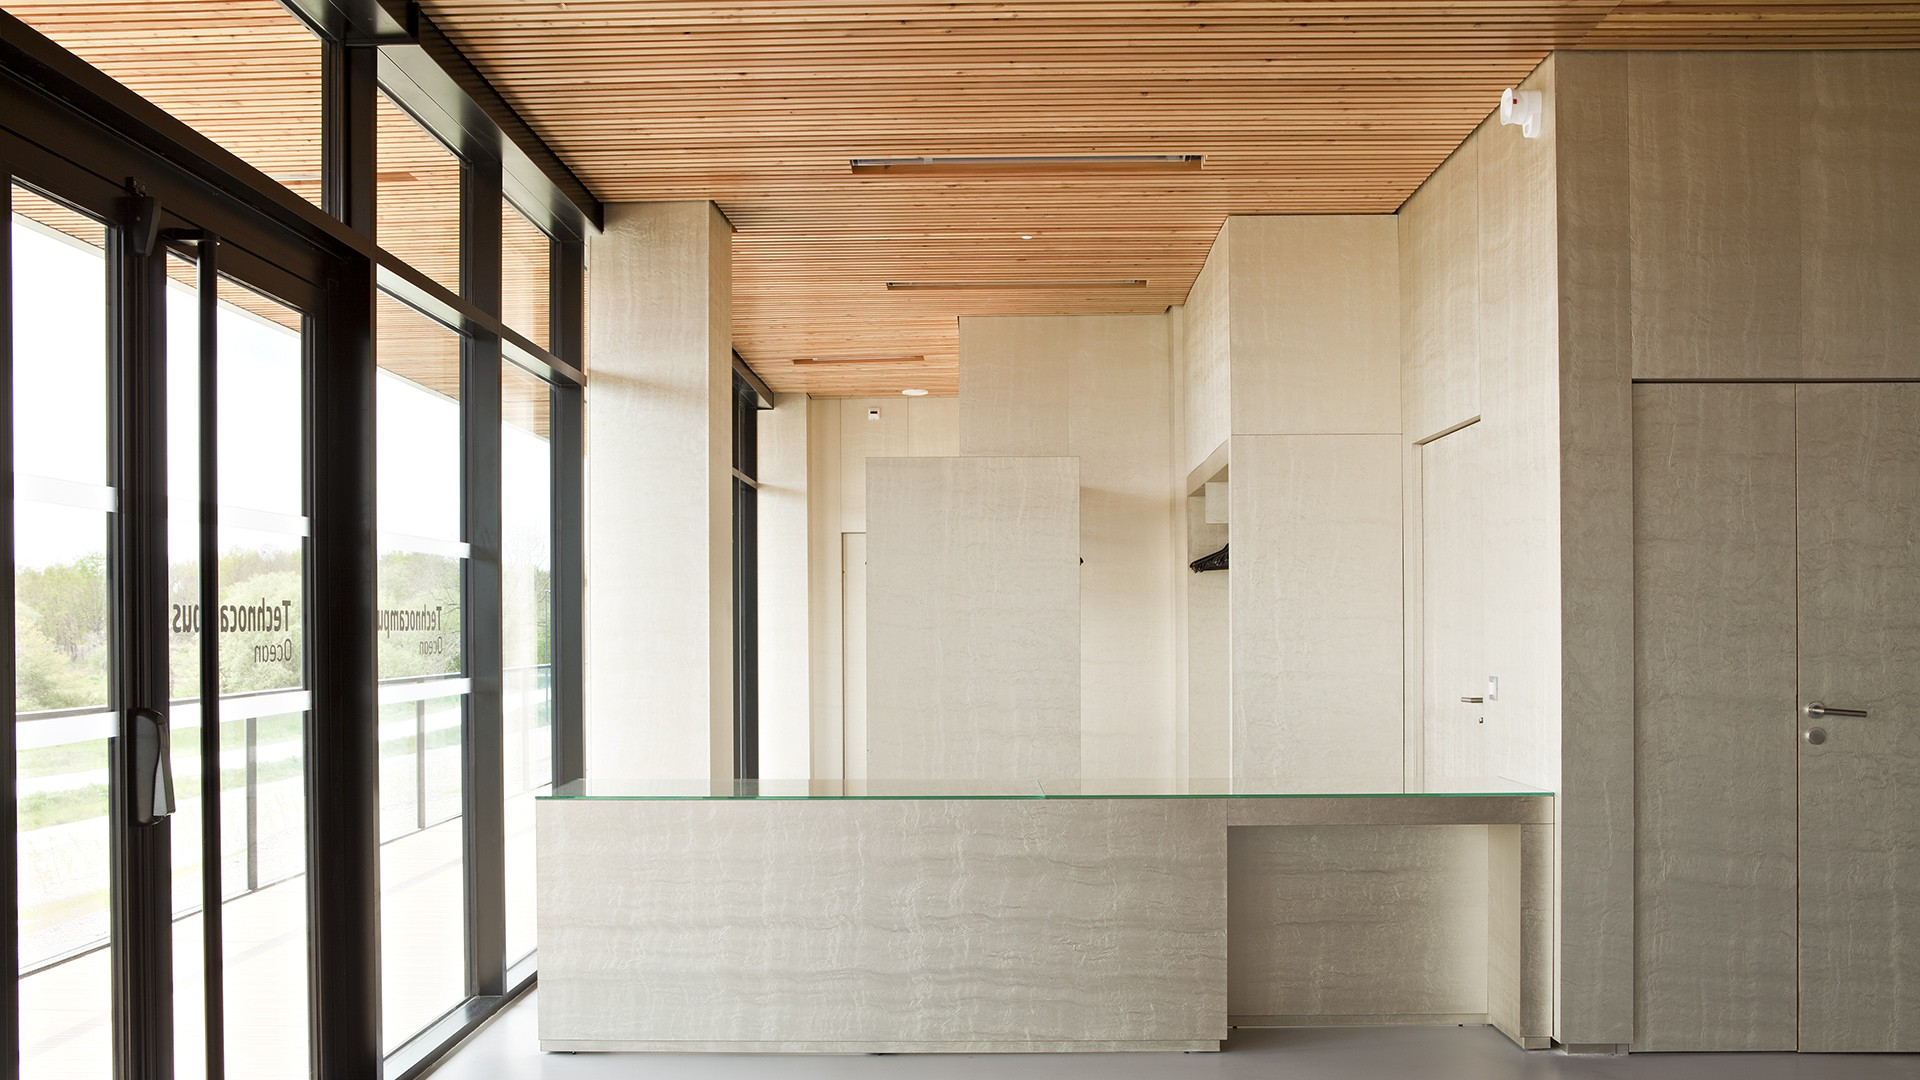 hubler panneaux d coratifs m tal pour agencement int rieur. Black Bedroom Furniture Sets. Home Design Ideas